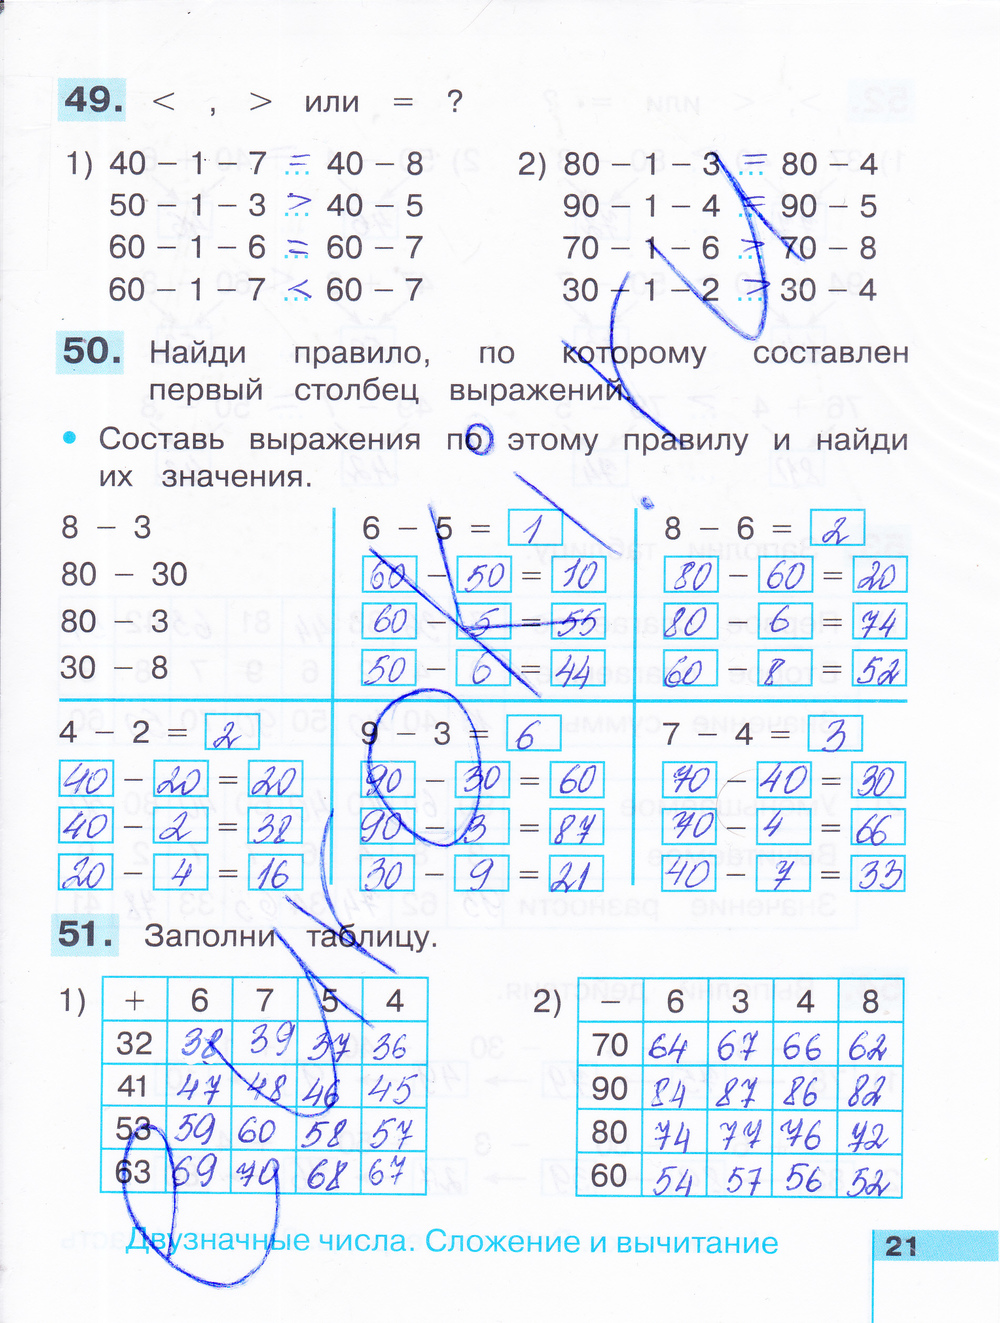 ГДЗ по математике 2 класс рабочая тетрадь Истомина Часть 1, 2. Задание: стр. 21